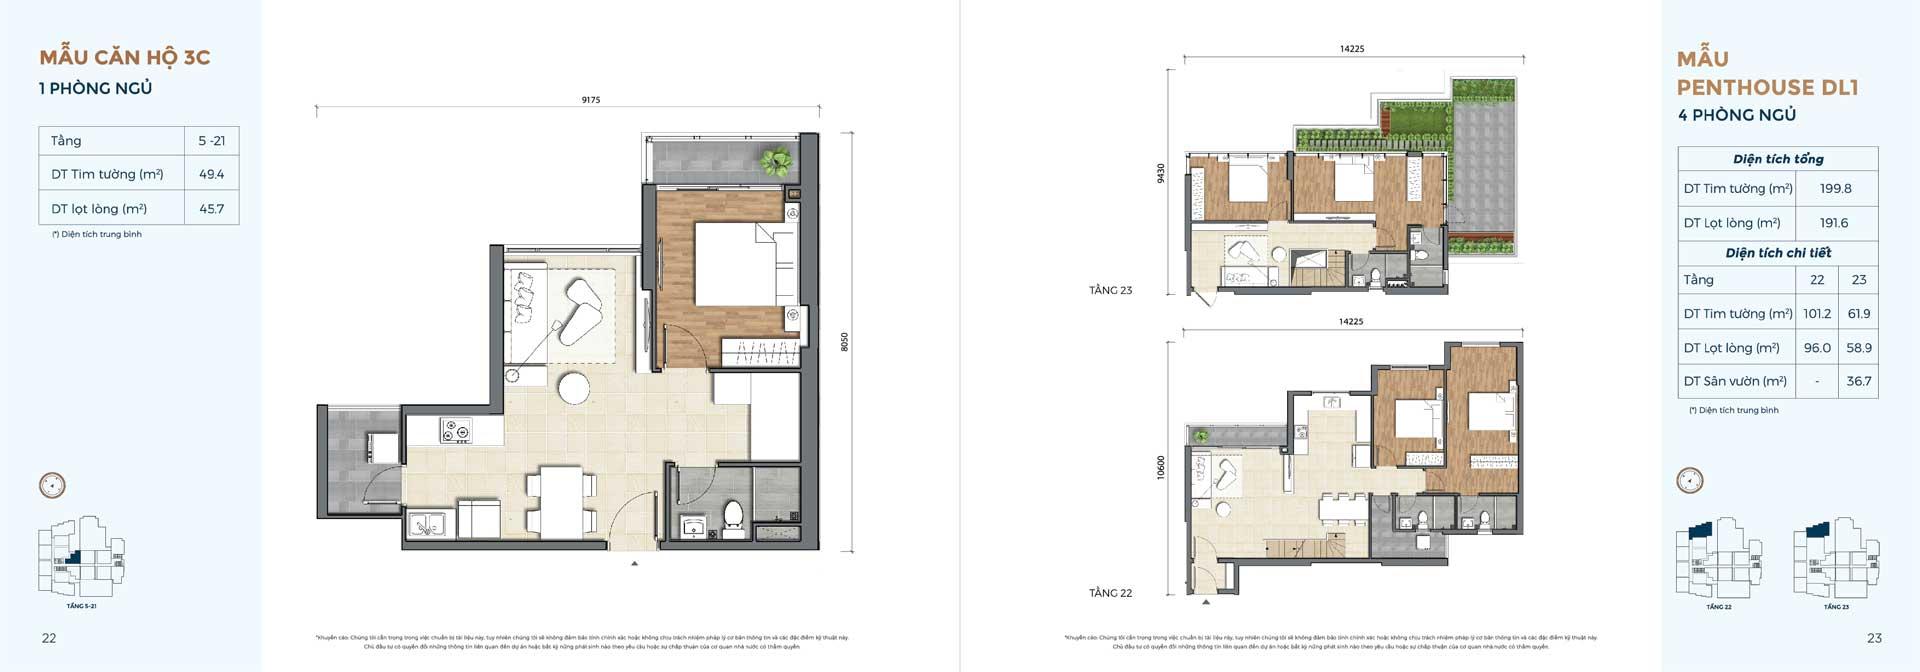 Thiết kế căn hộ 1Pn và Penthouse 4PN